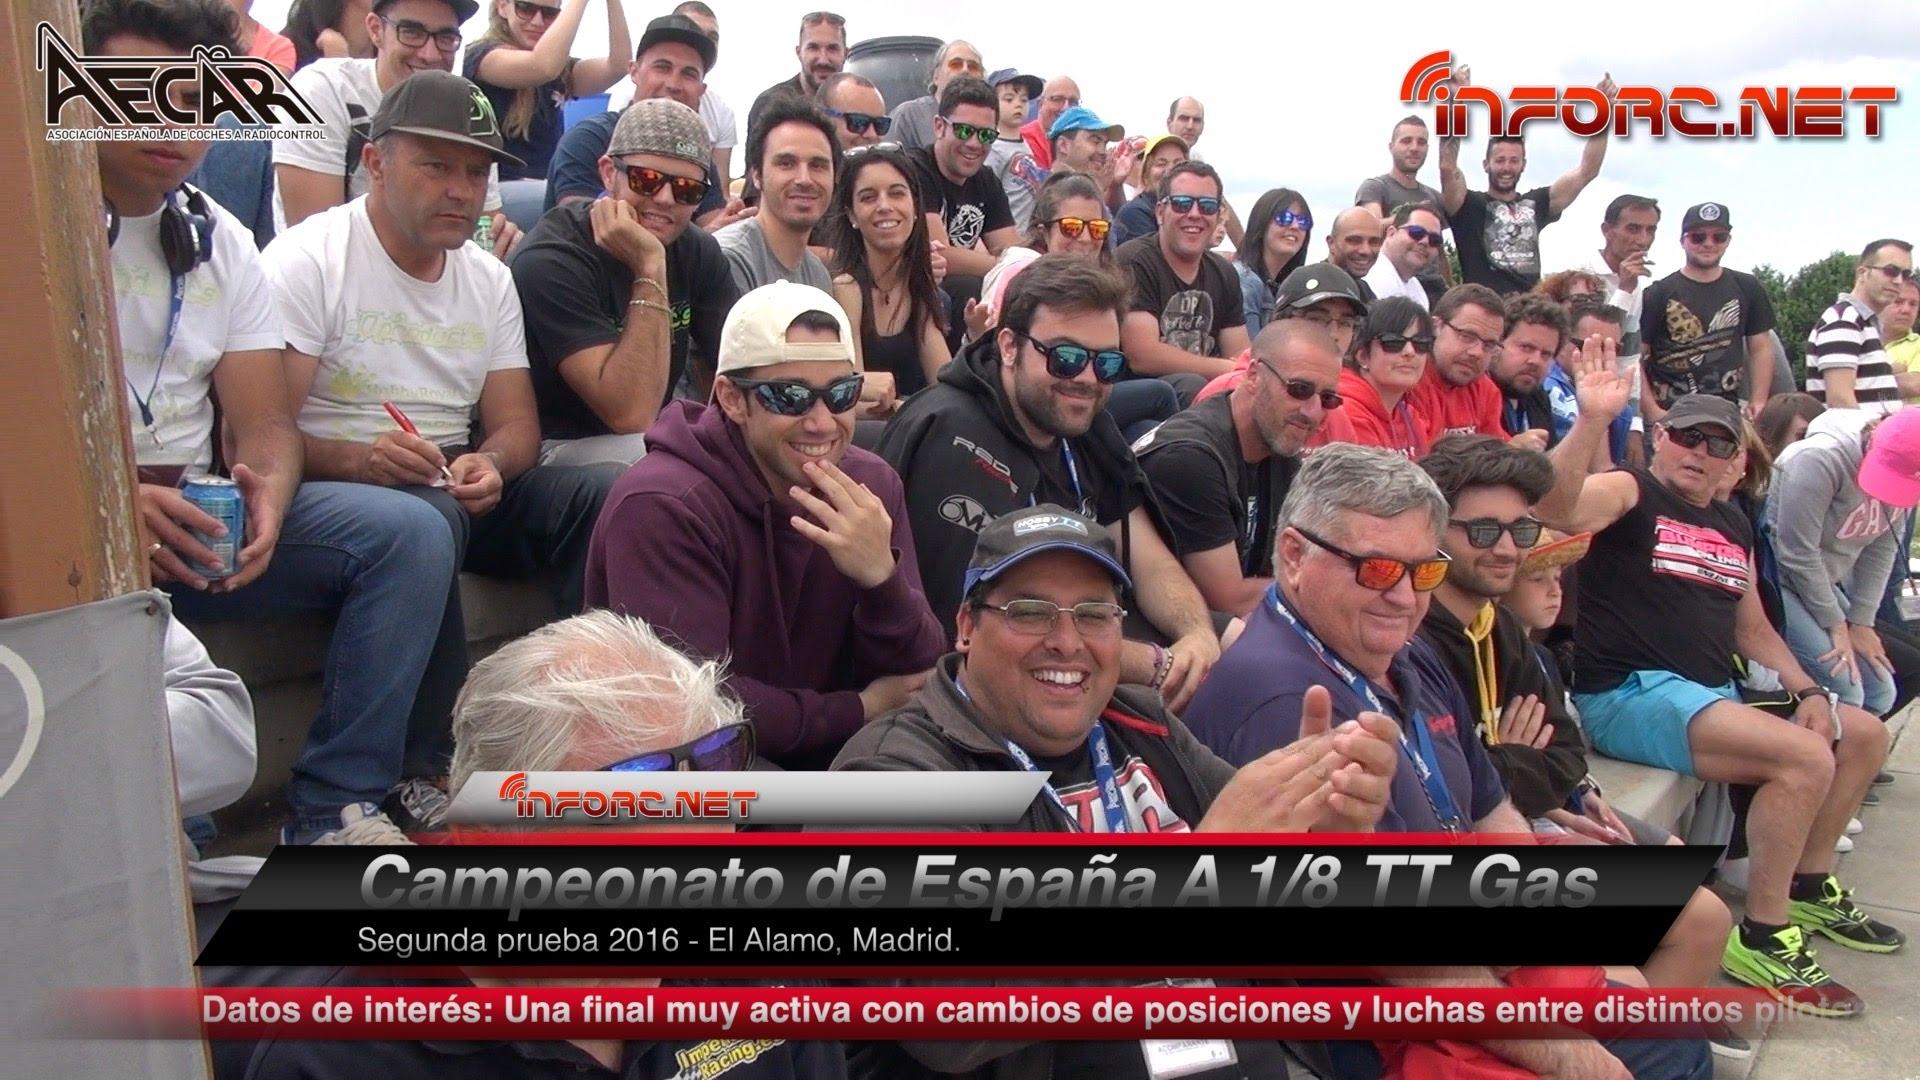 Vídeo y galería de fotos - Final del Campeonato de España 1/8 TT Gas en El Alamo